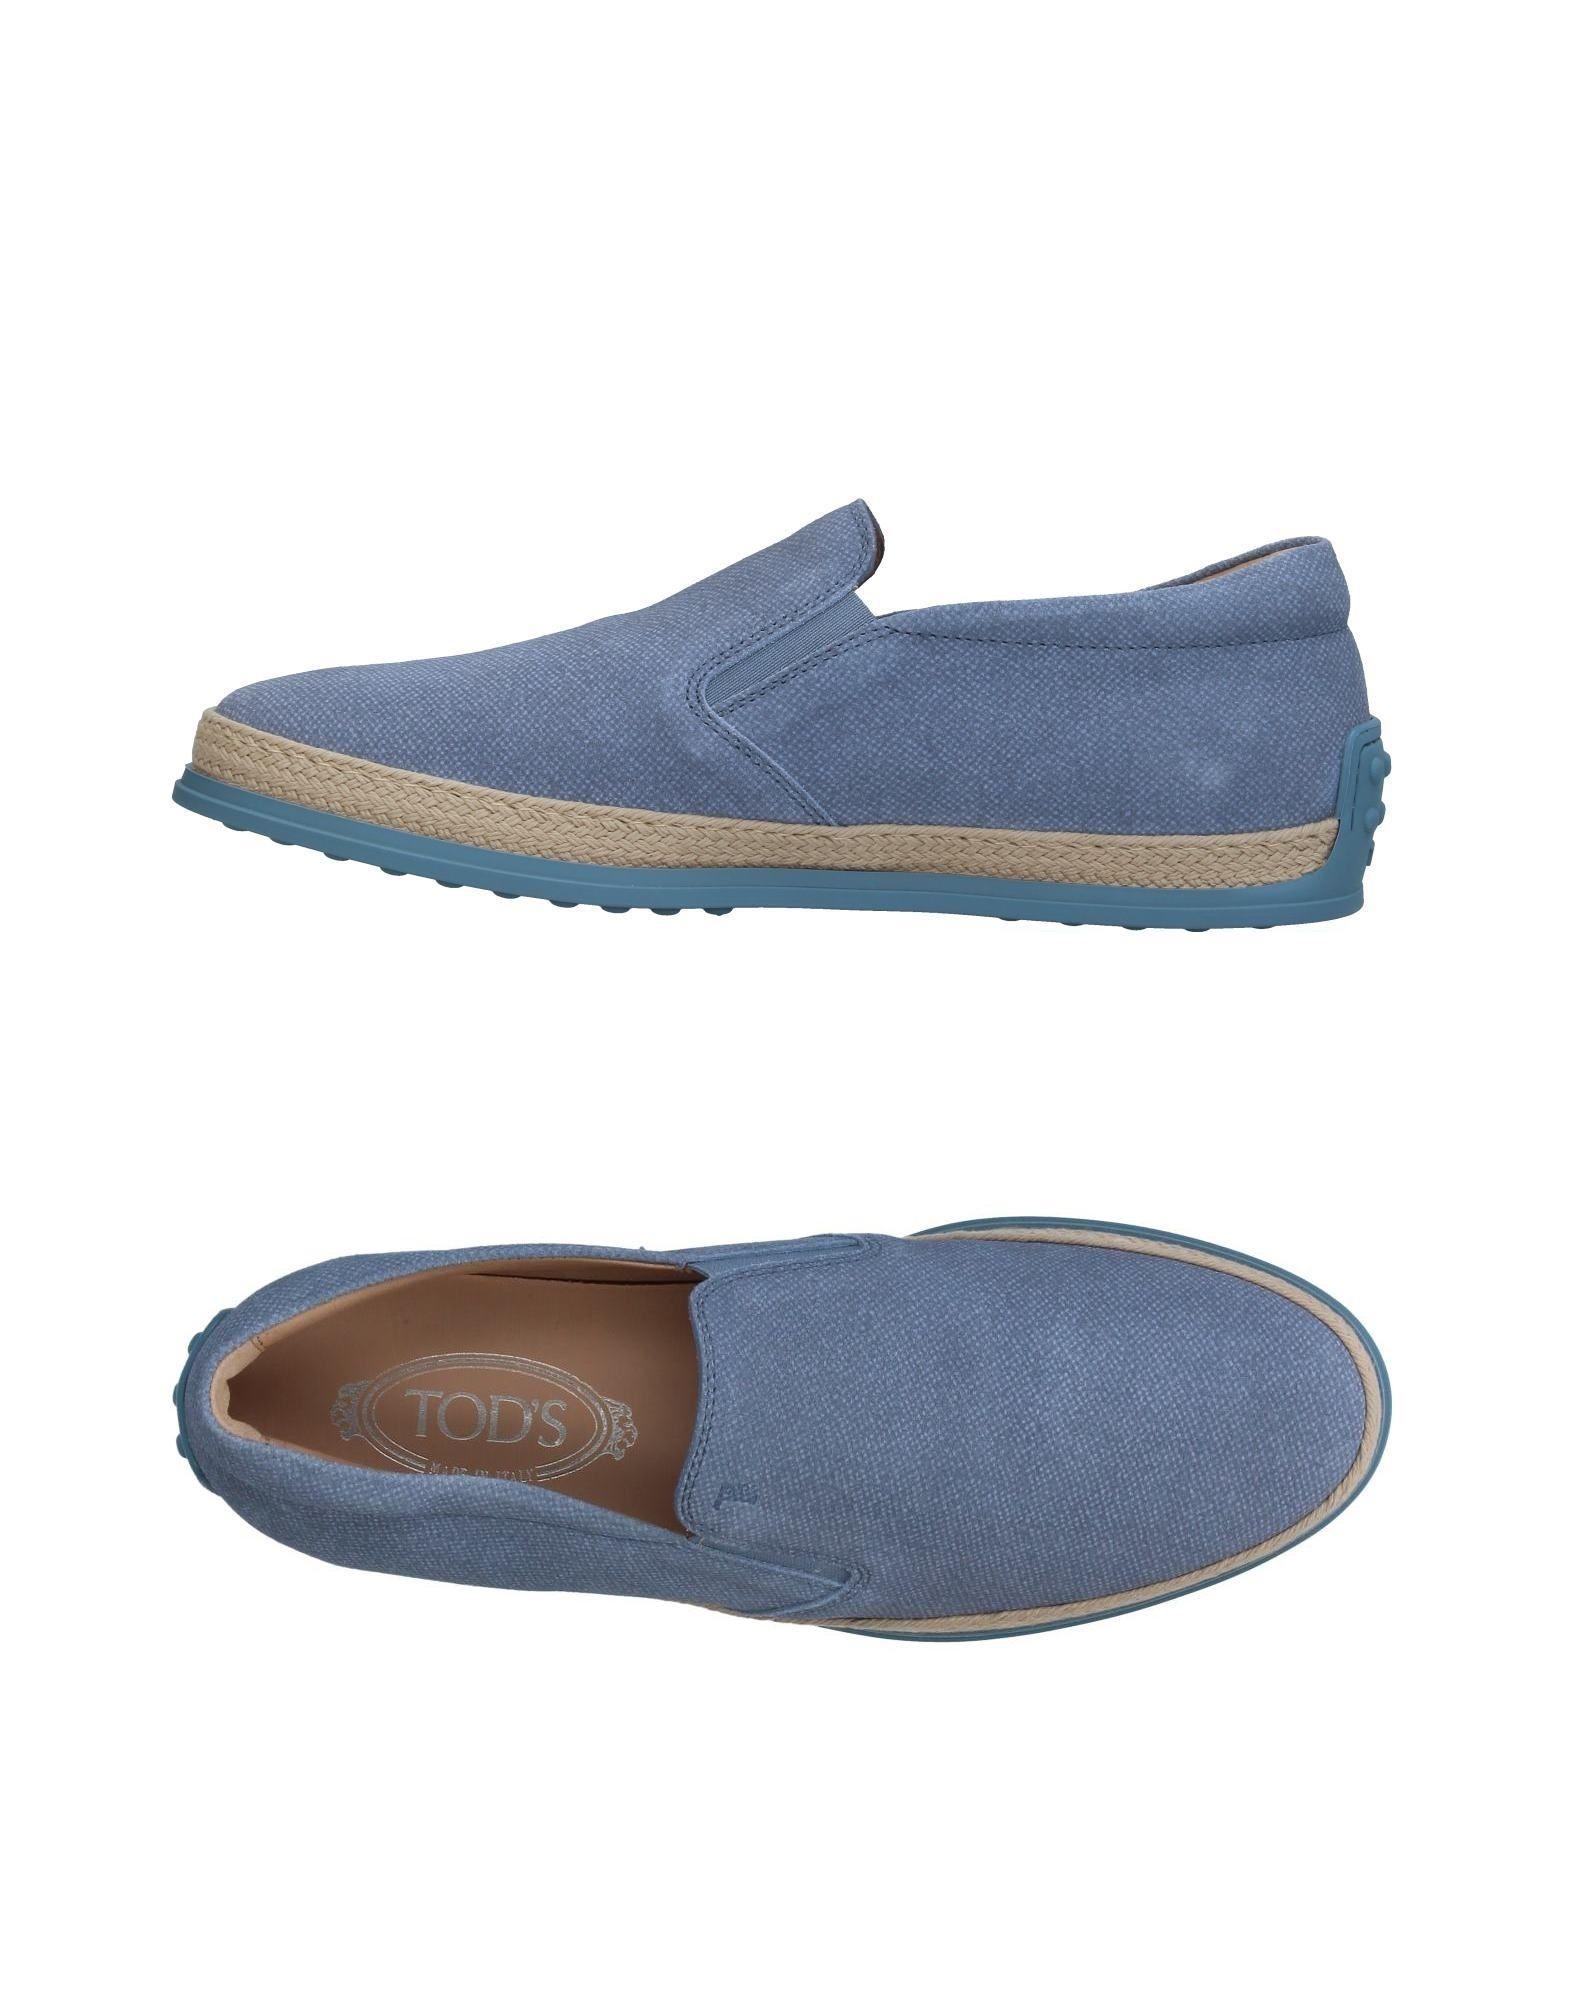 Tod's Sneakers Herren  11375187UB Gute Qualität beliebte Schuhe